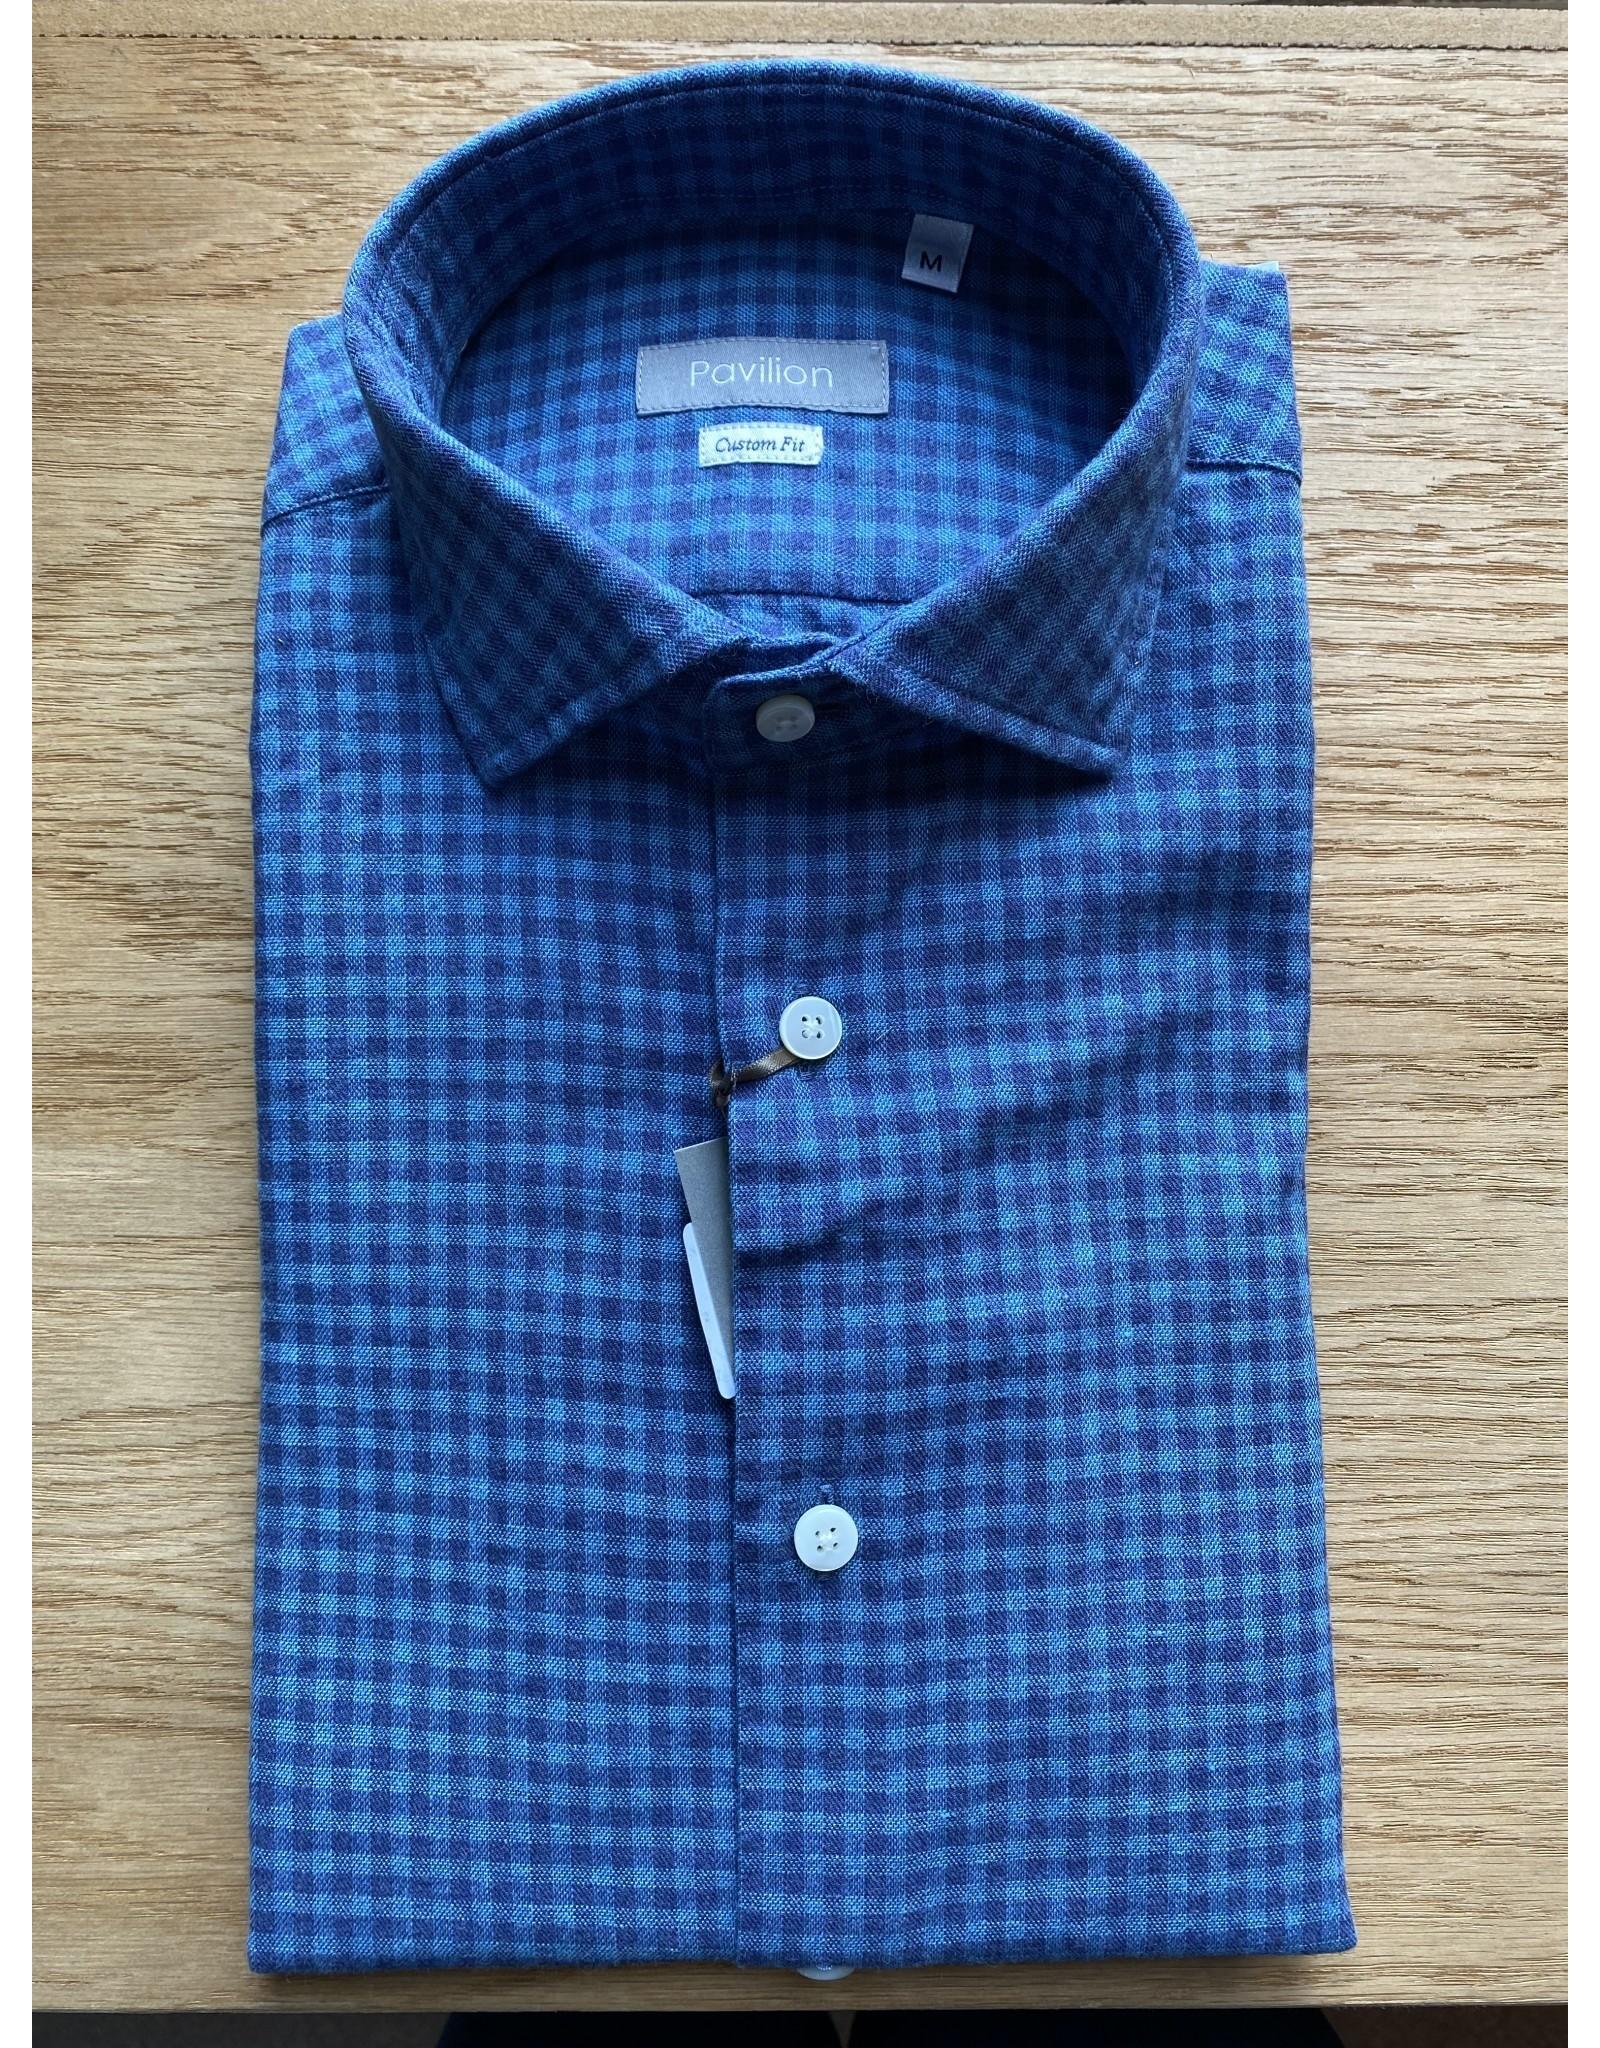 Pavilion Mens Check Flannel Blue Shirt